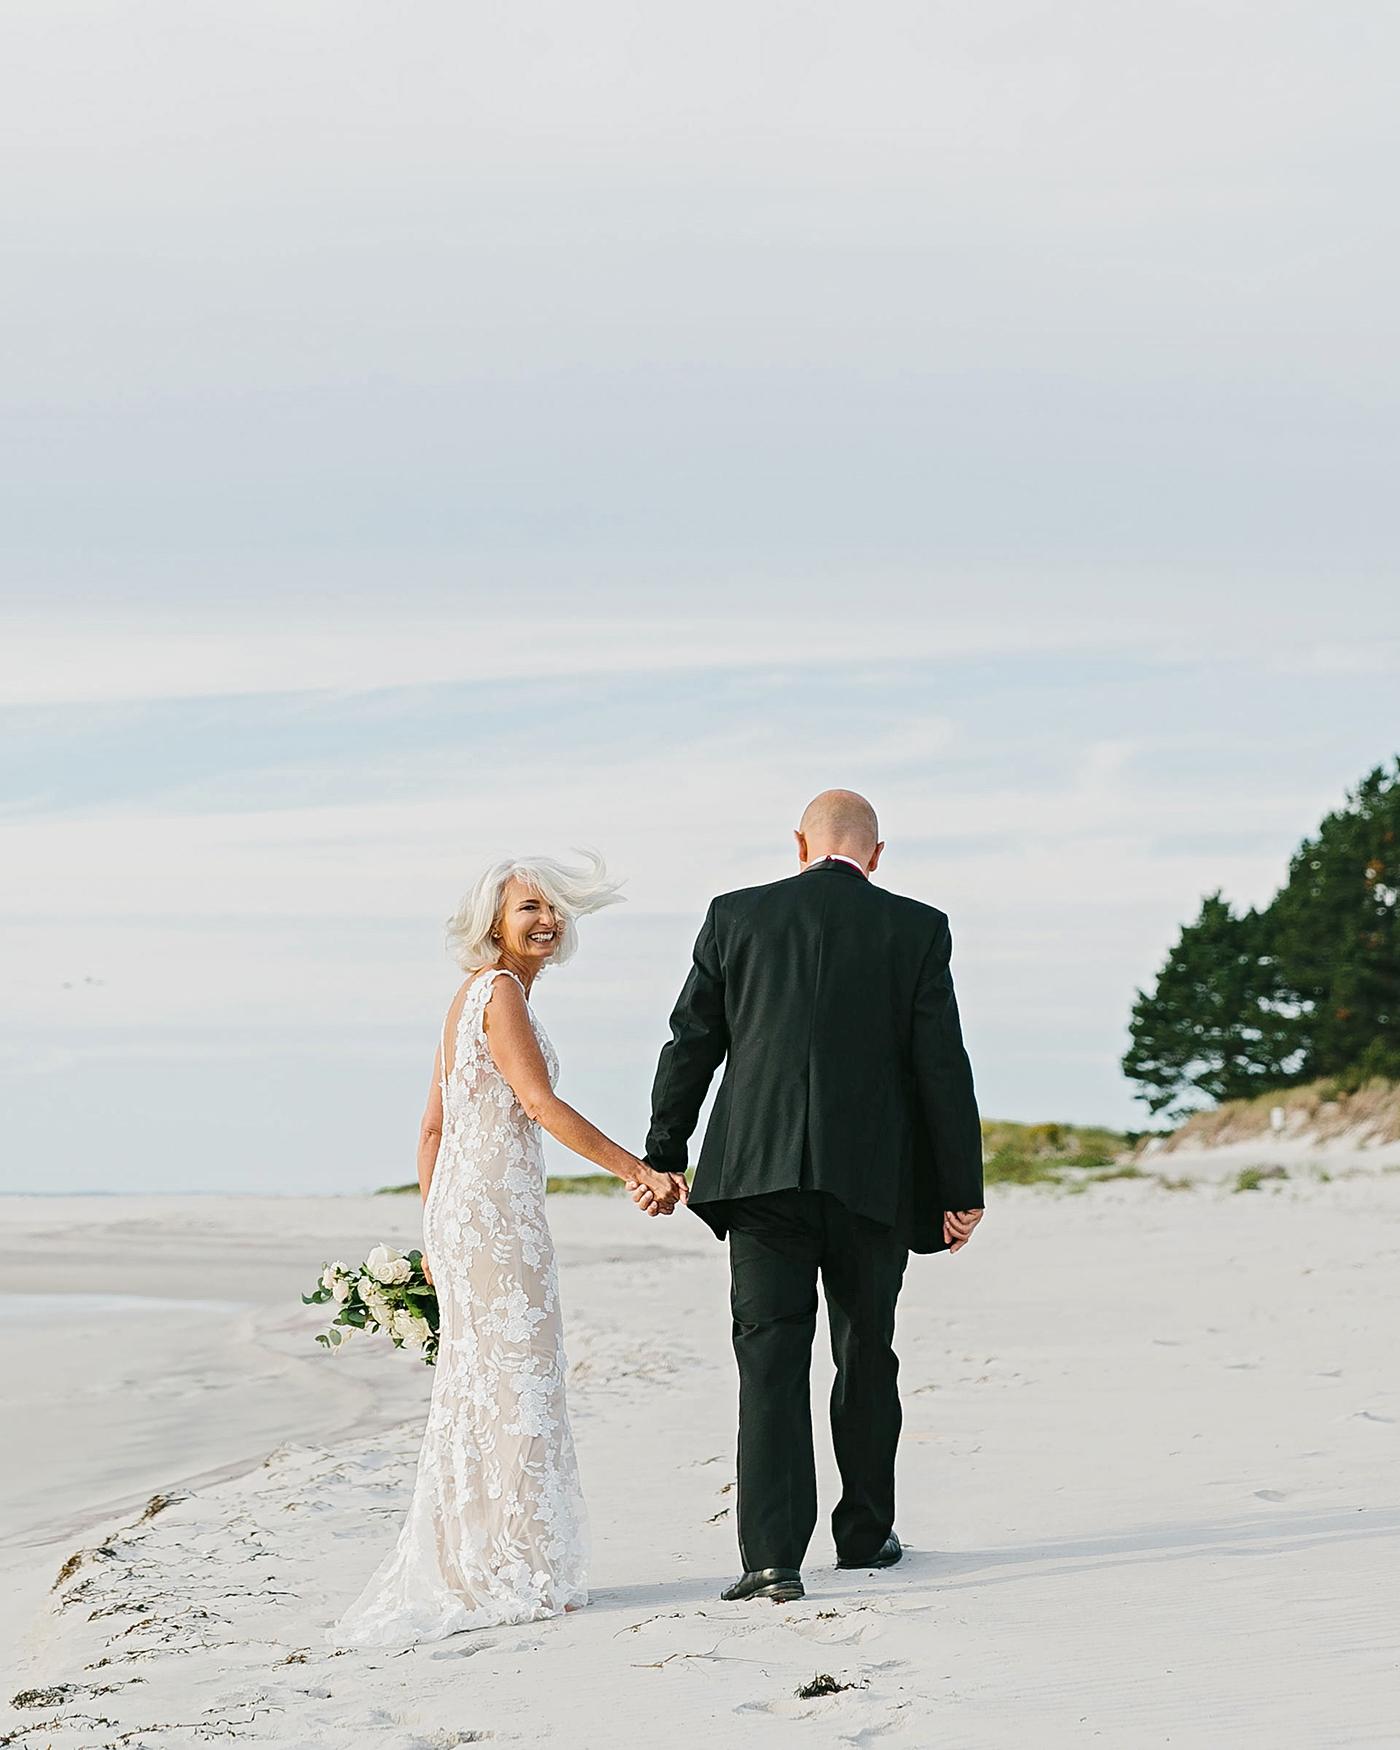 bride and groom walking away on beach